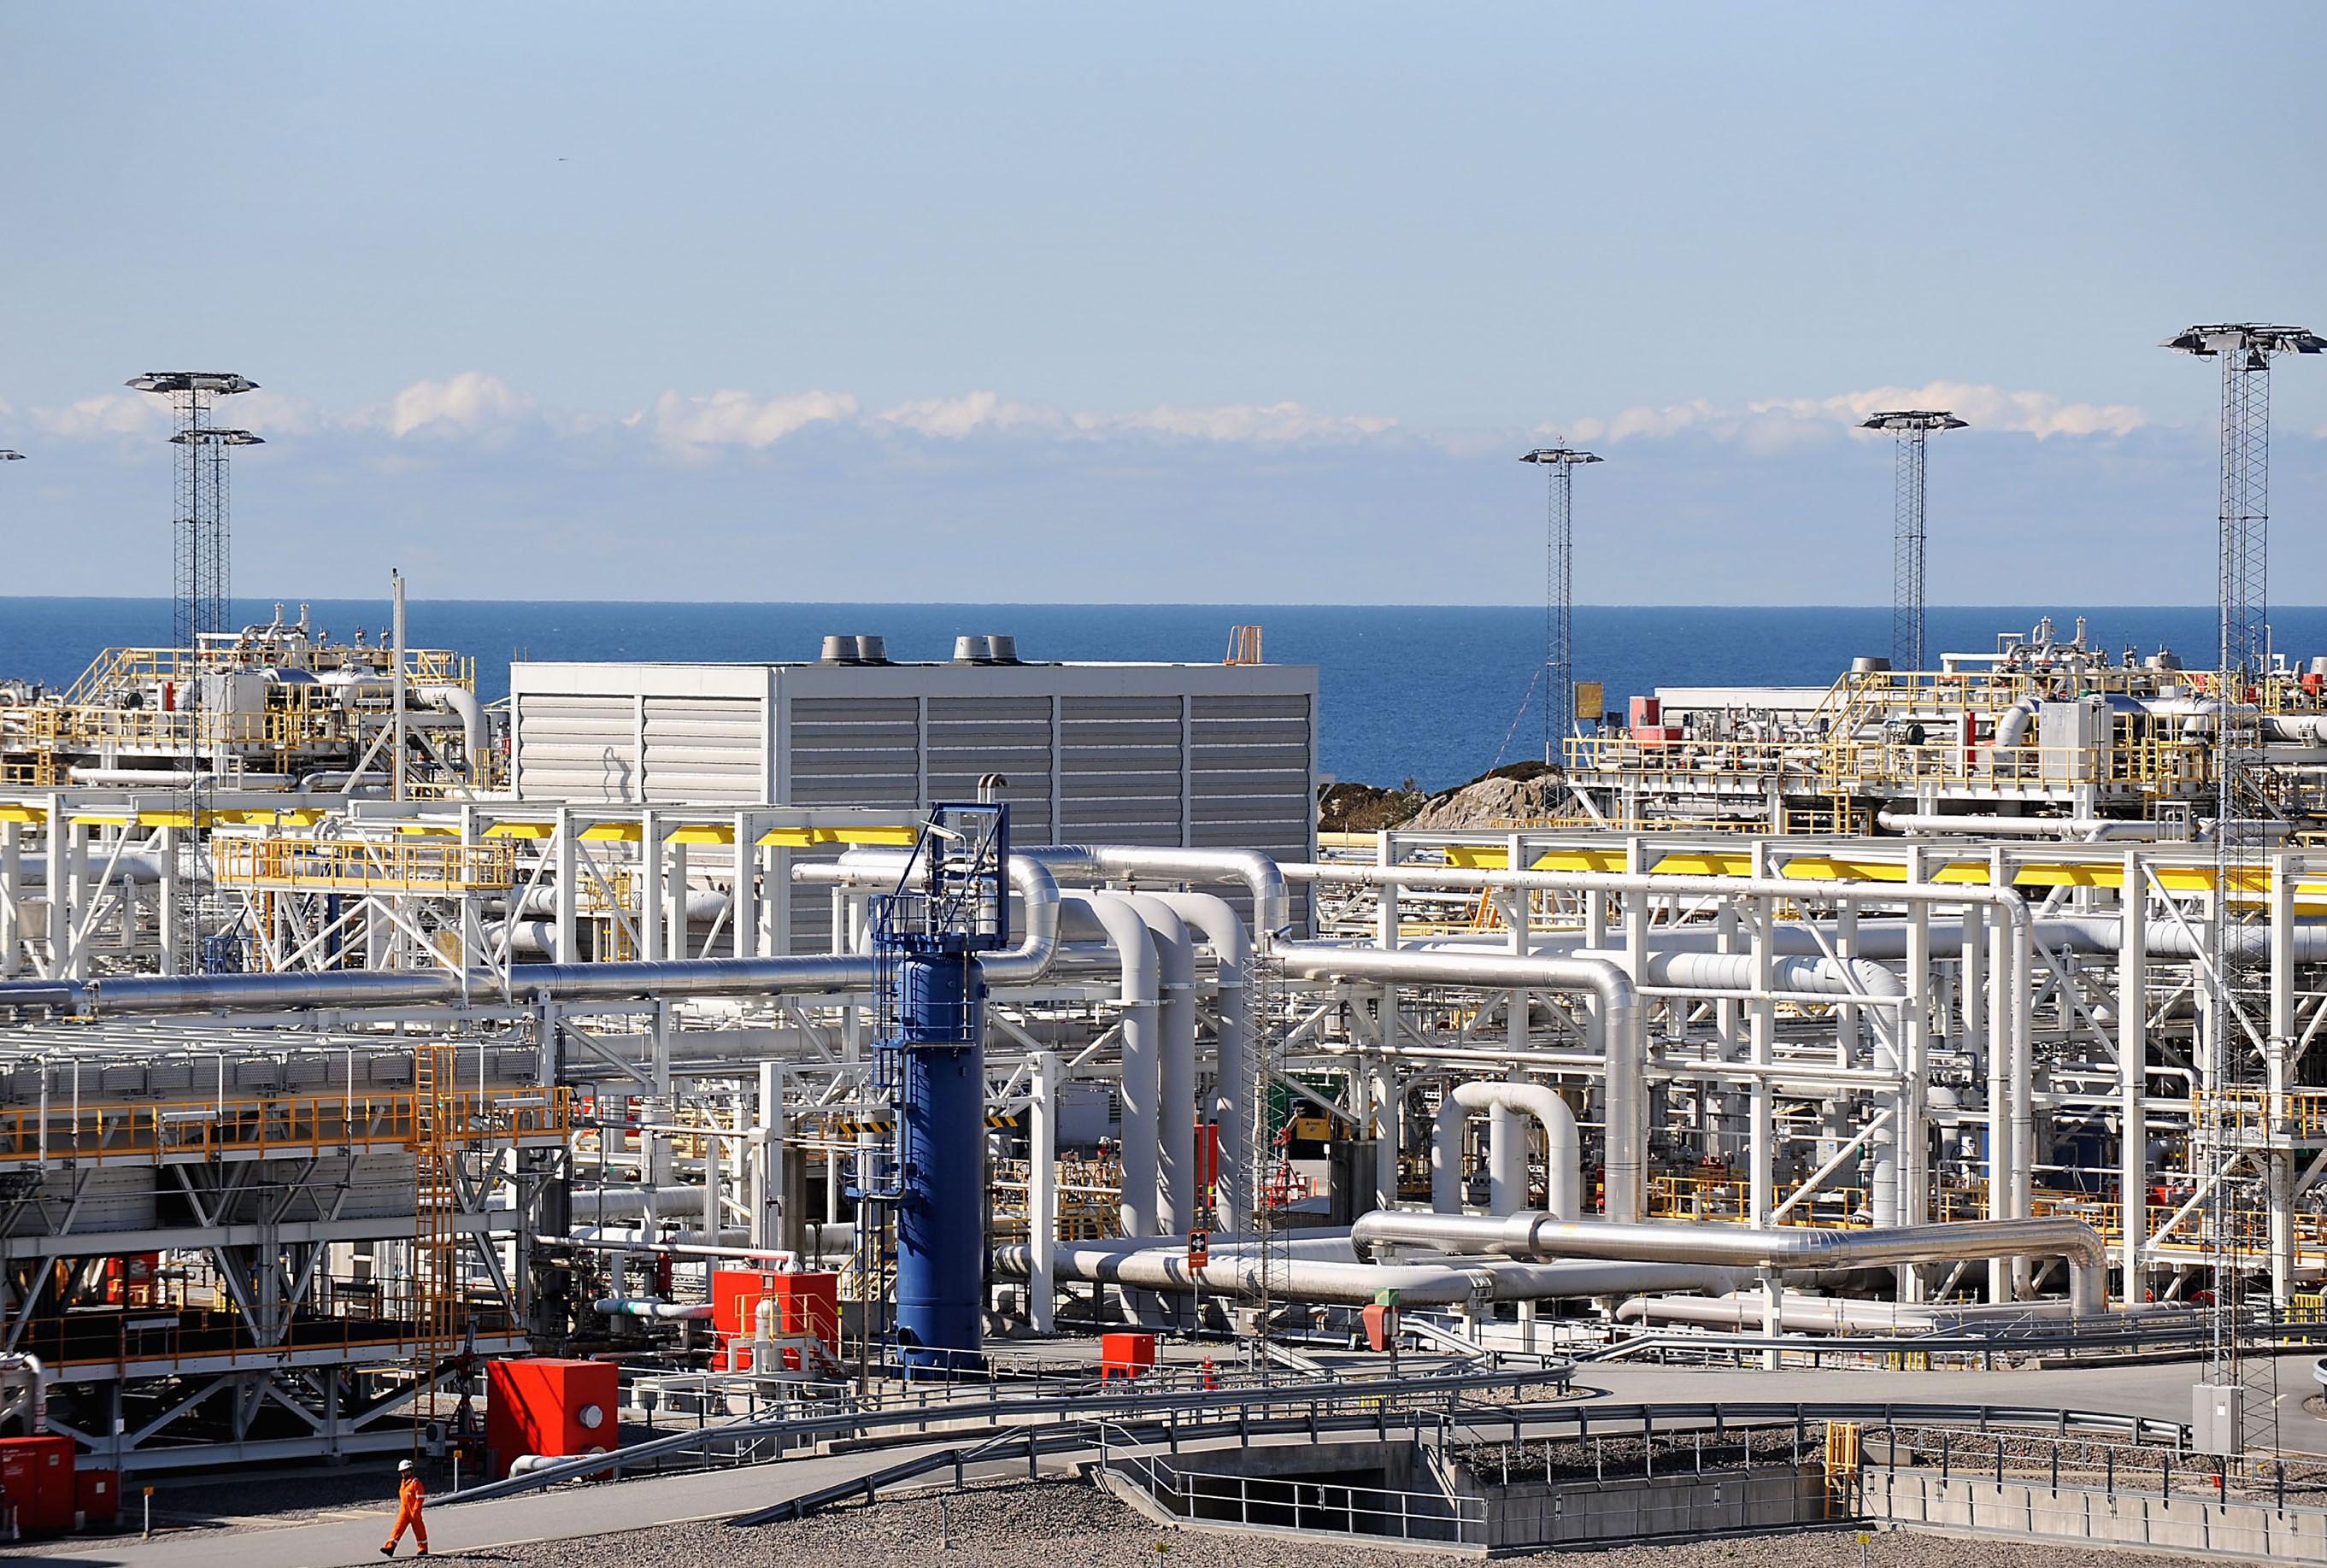 Wood asegura el contrato EPCI de procesamiento de gas de Kollsnes